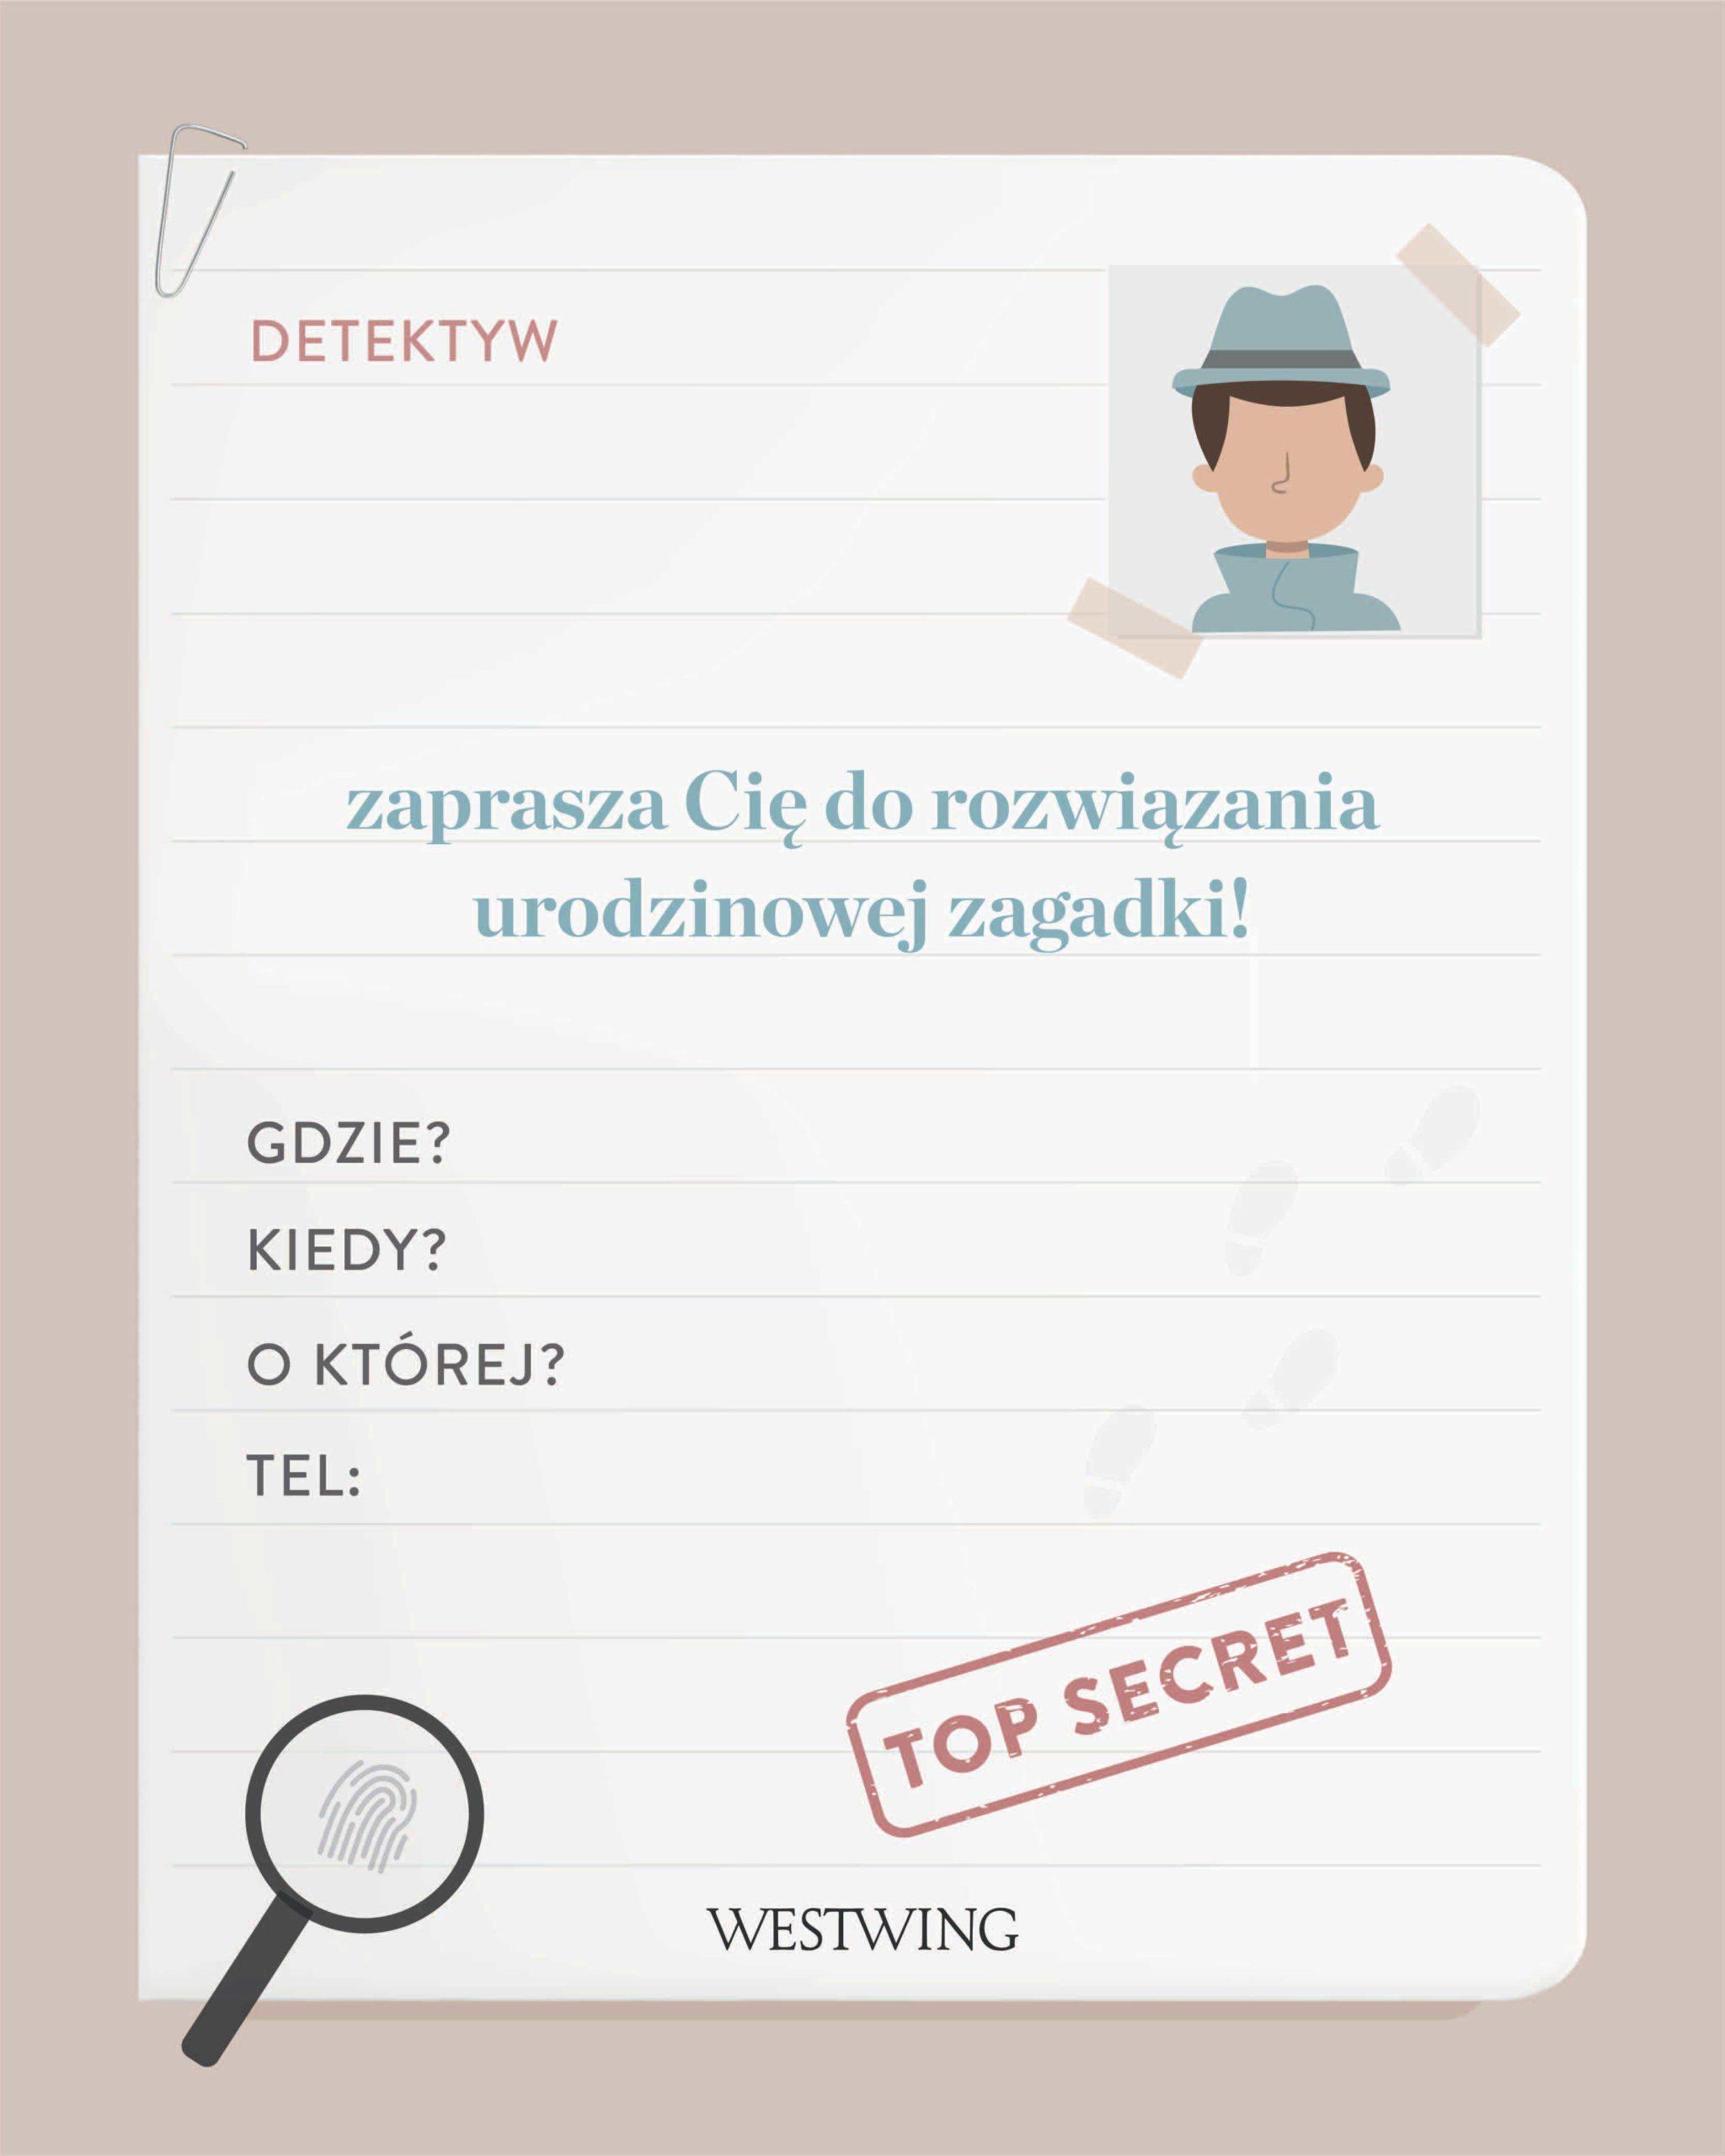 Pobierz nasze zaproszenia do wydrukowania na urodziny z motywem detektywa!